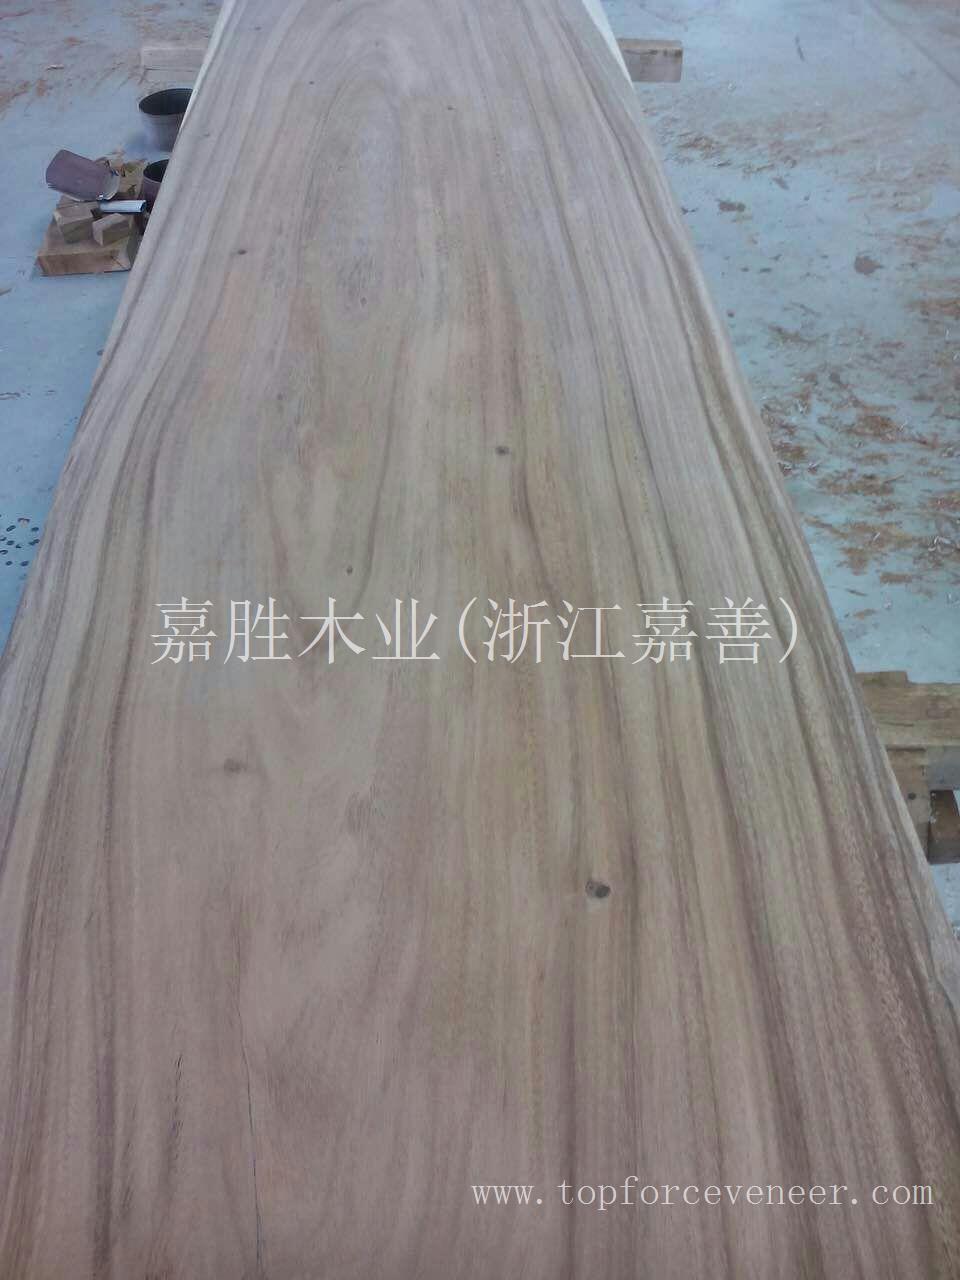 南美胡桃木5公分板材 South American Walnut Green Lumber